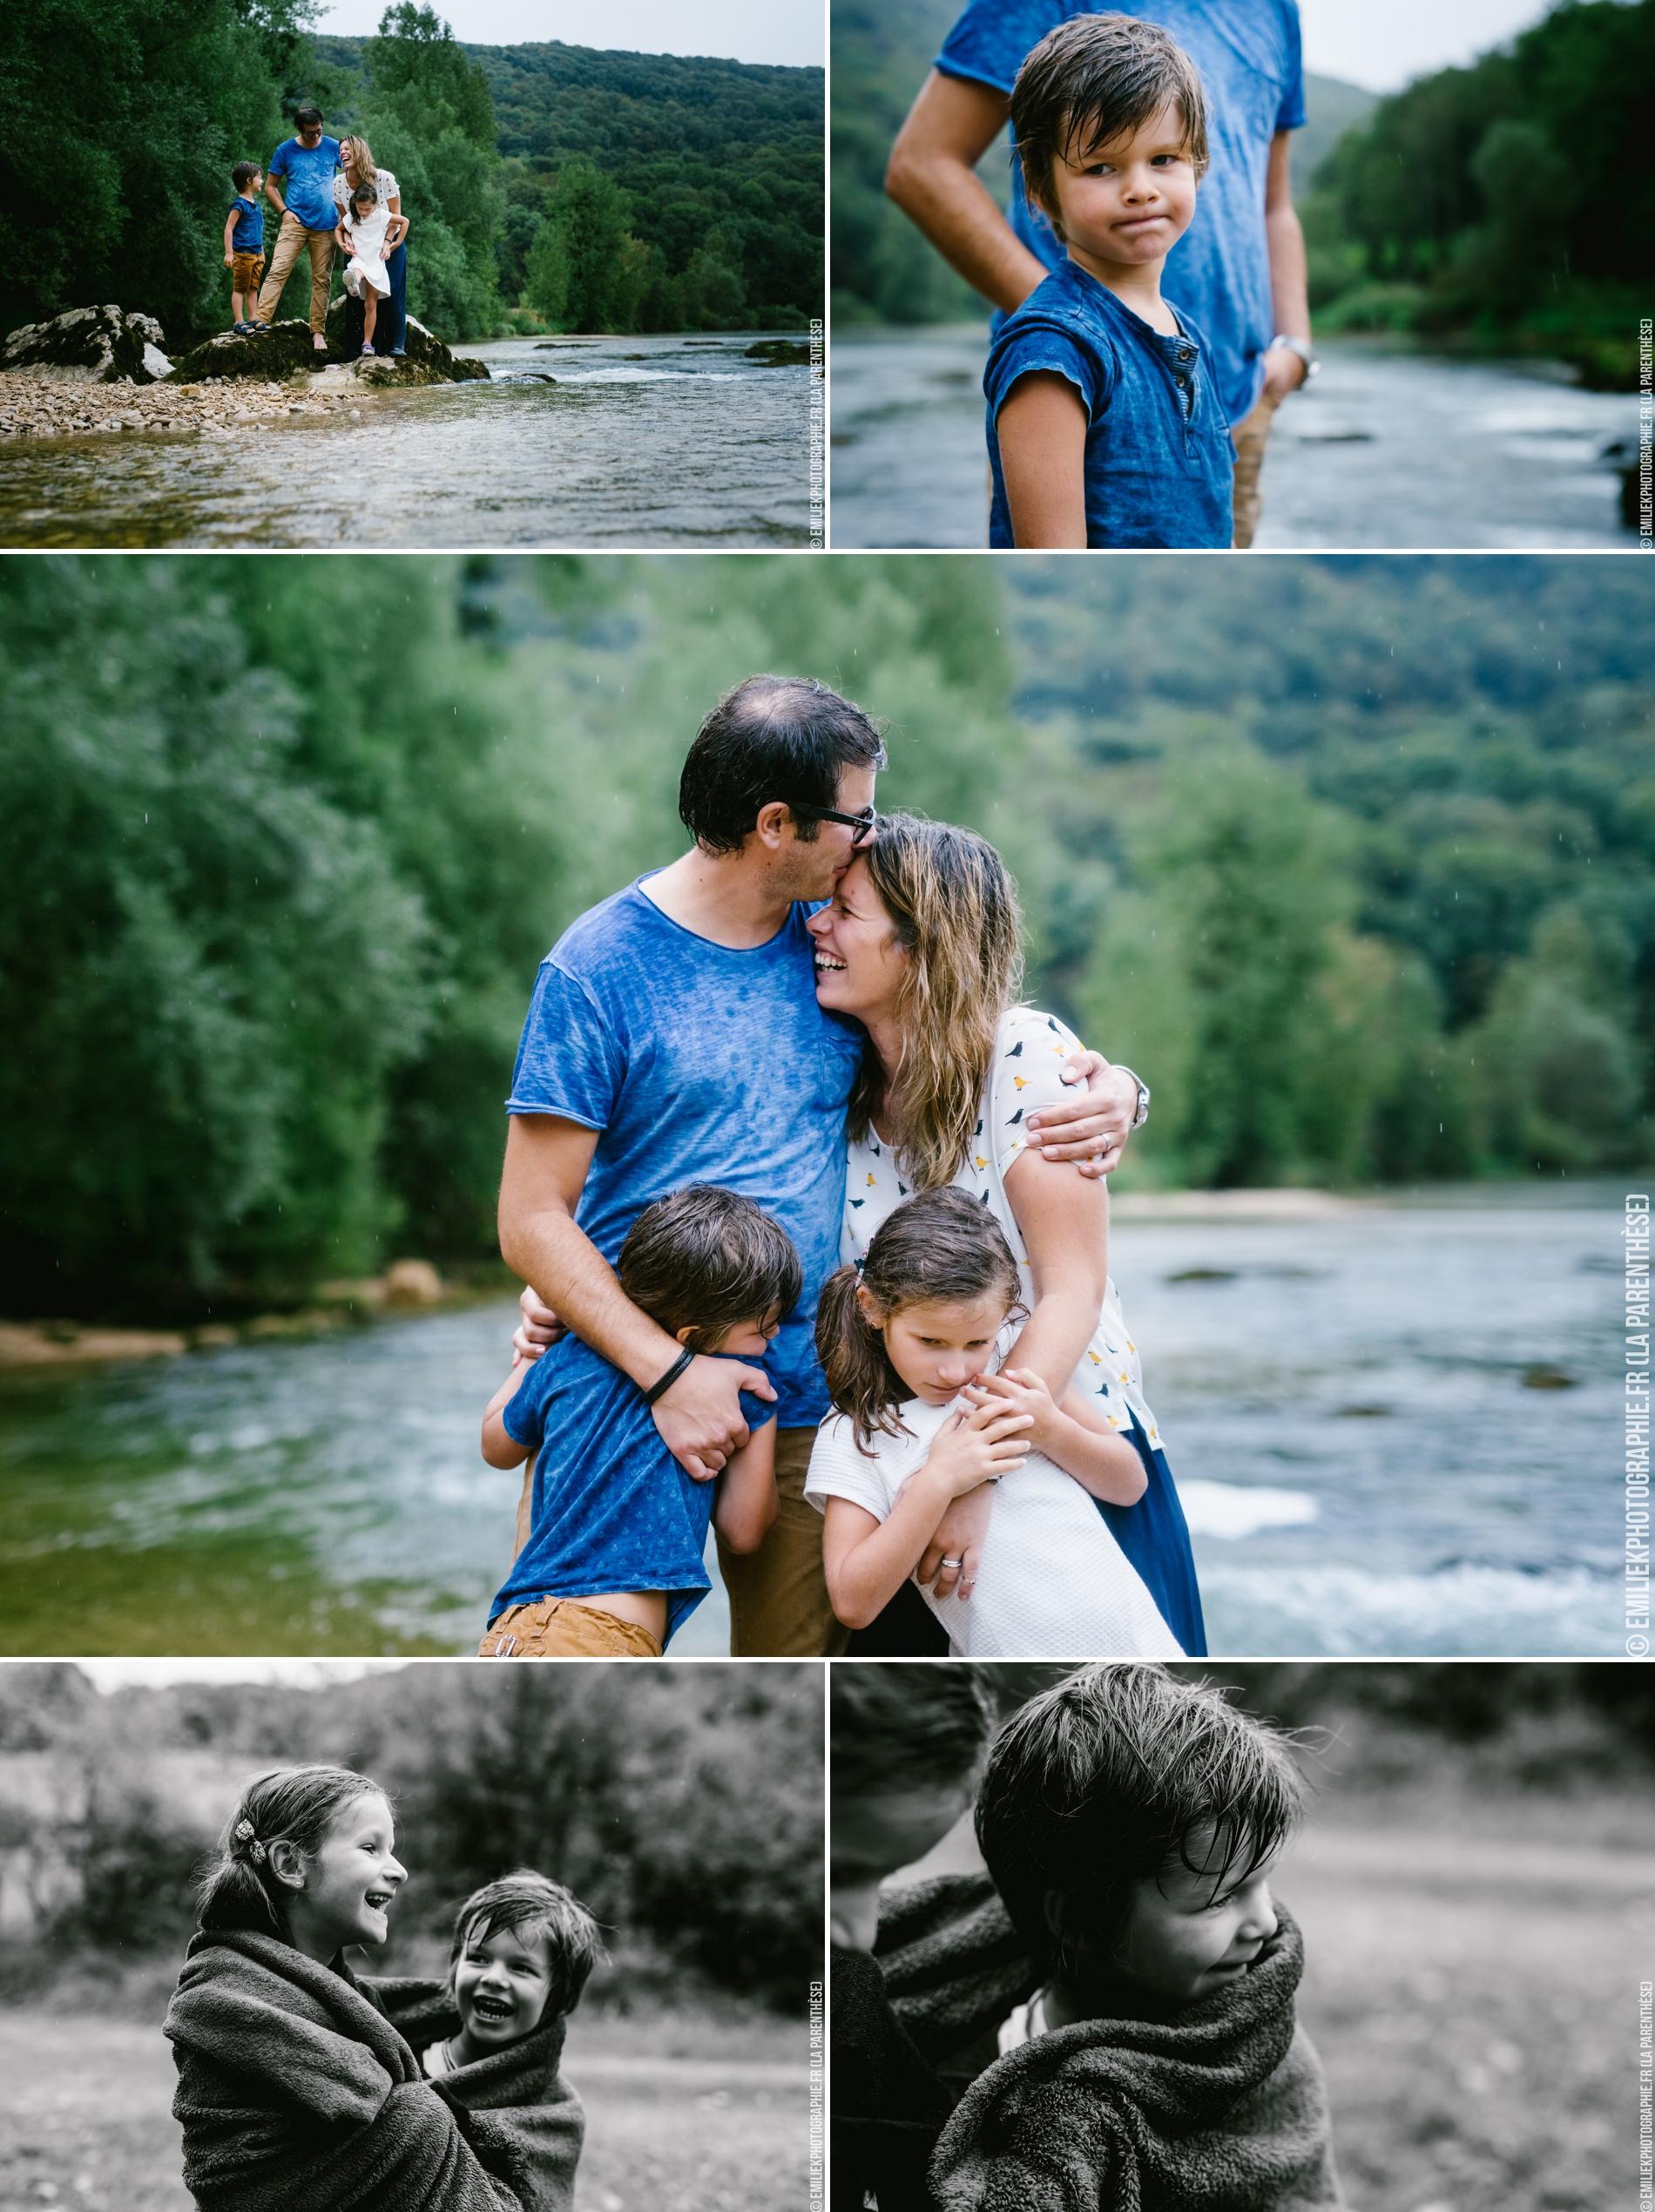 photographe-famille-emiliekphotographie-5